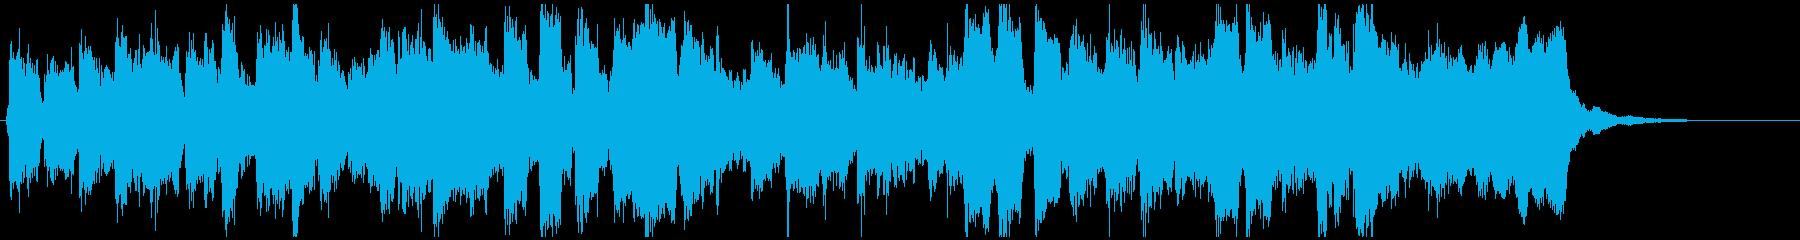 へっぽこリコーダーファンク15秒ジングルの再生済みの波形